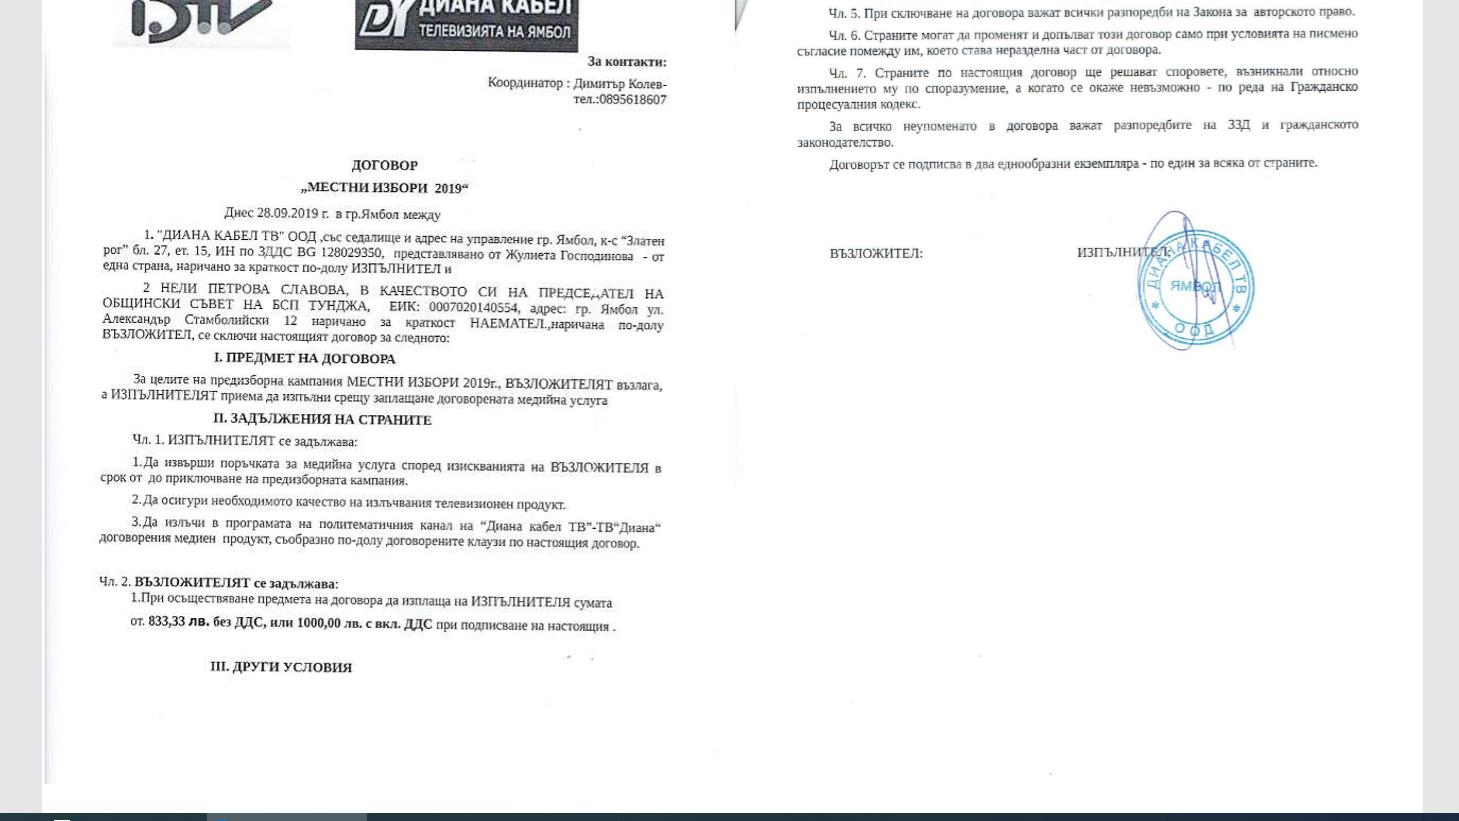 МЕСТНИ ИЗБОРИ 2019:  Договор за медийно обслужване  с БСП-  Тунджа